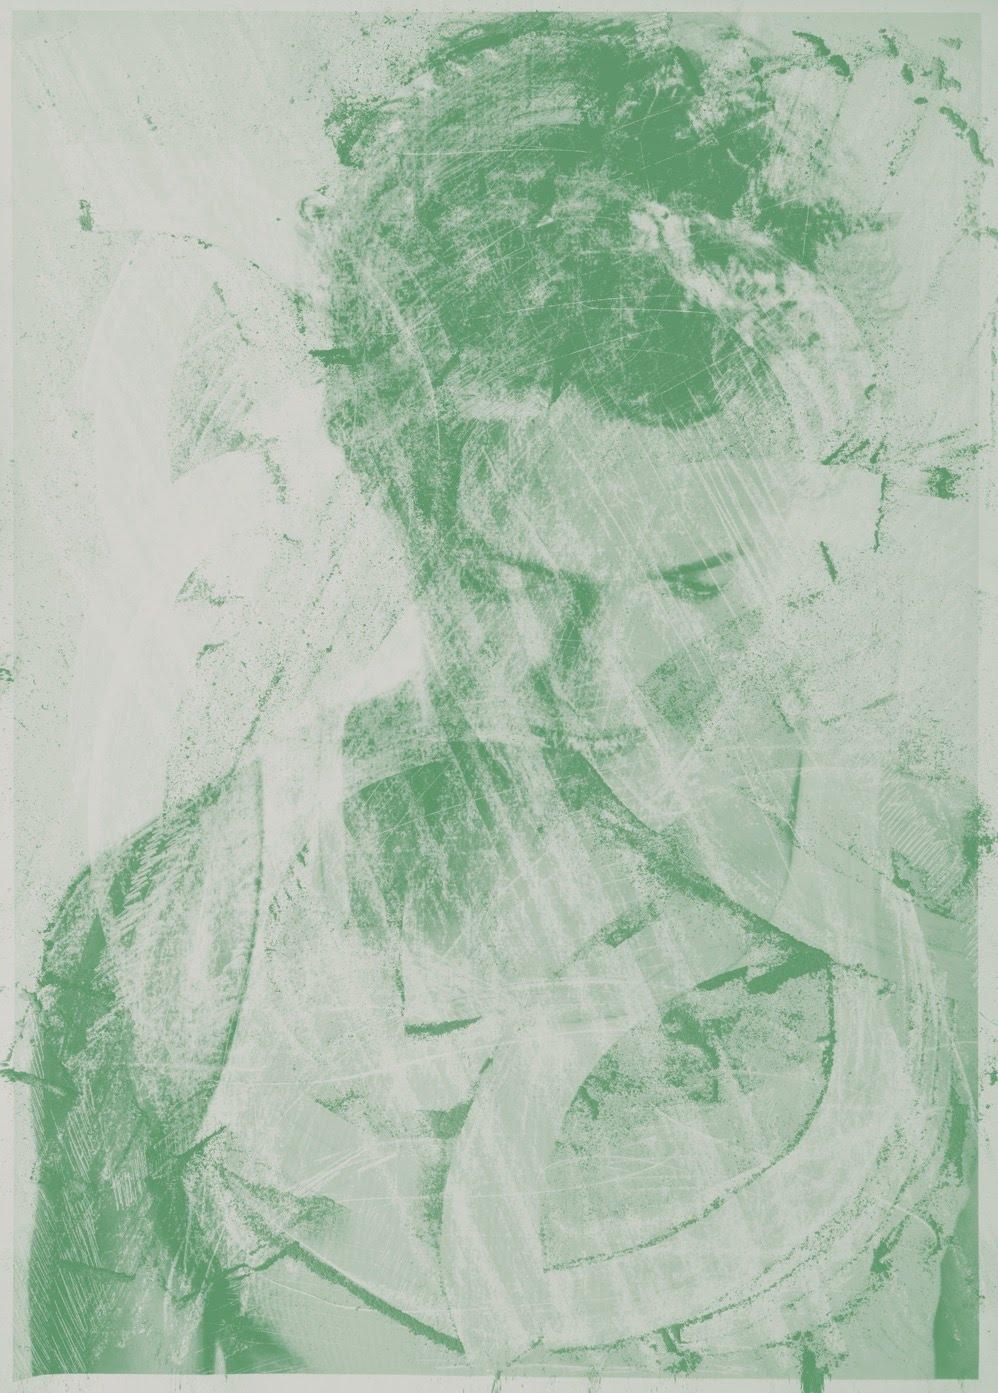 ERASURE UNTITLED 21, TIRAGE PIGMENT ARCHIVE UNIQUE + 1 TA, 52 x 70 CM, 2019